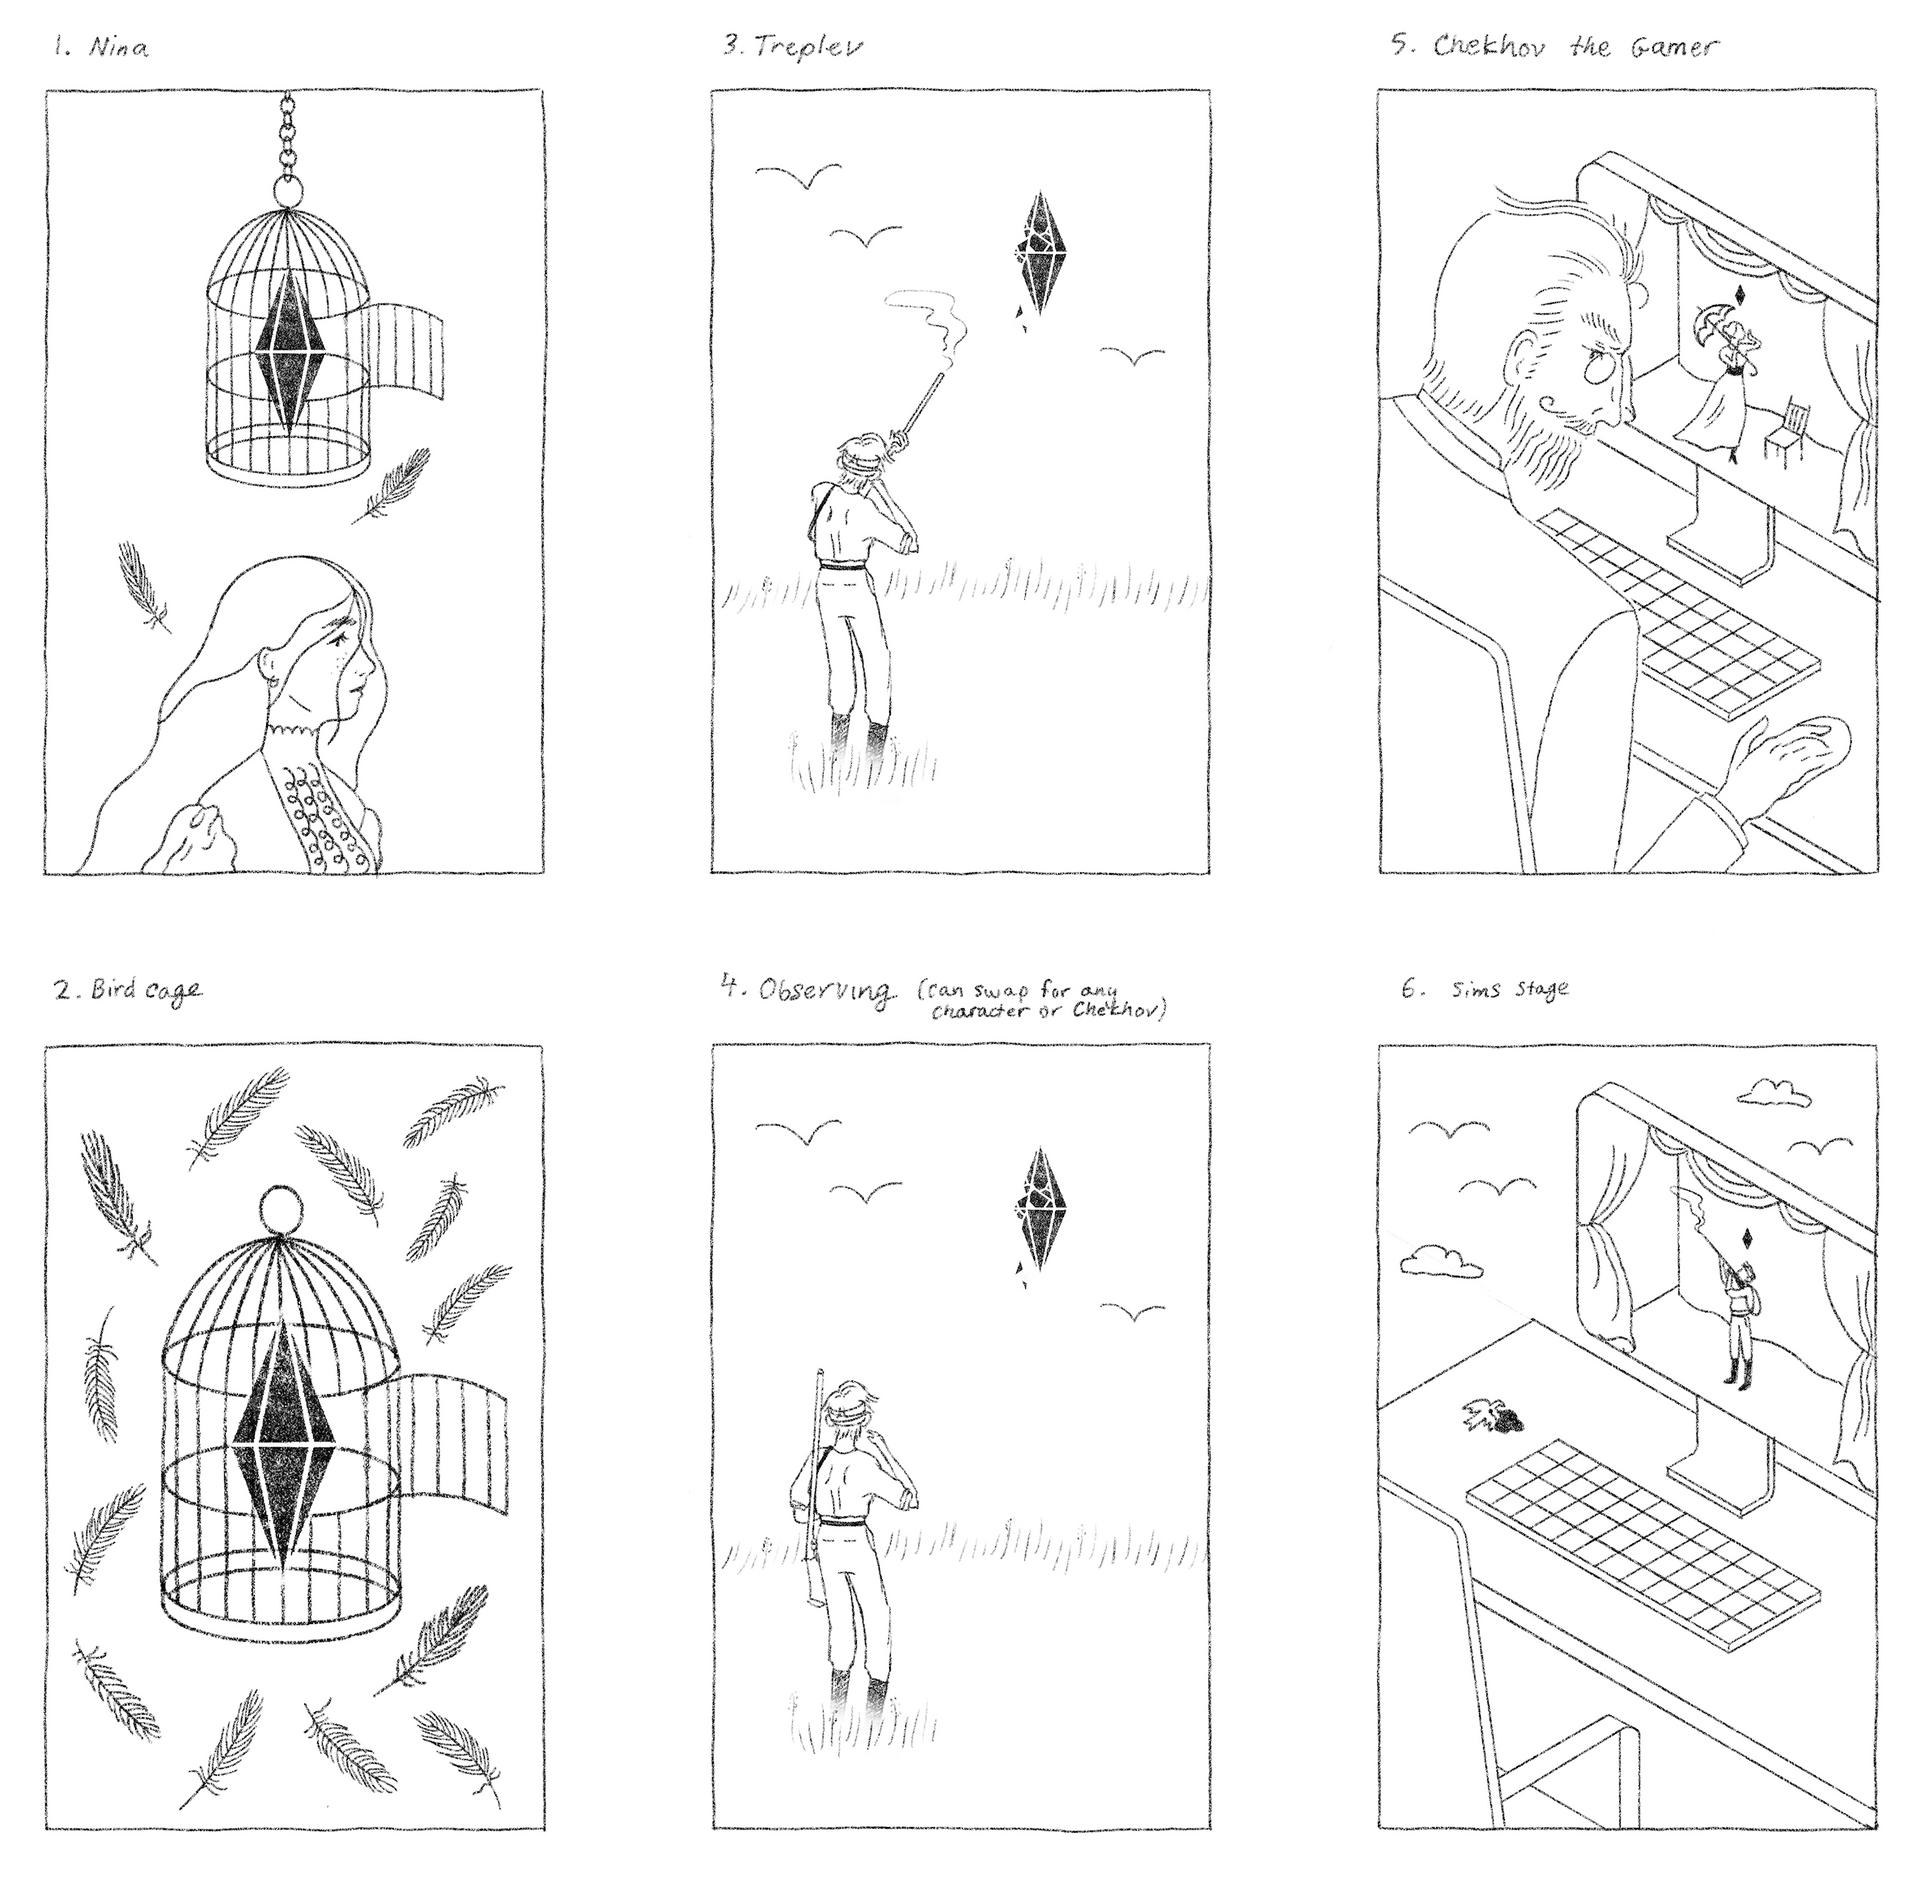 JosieNorton_TheSeagullSims4_Sketches_10.